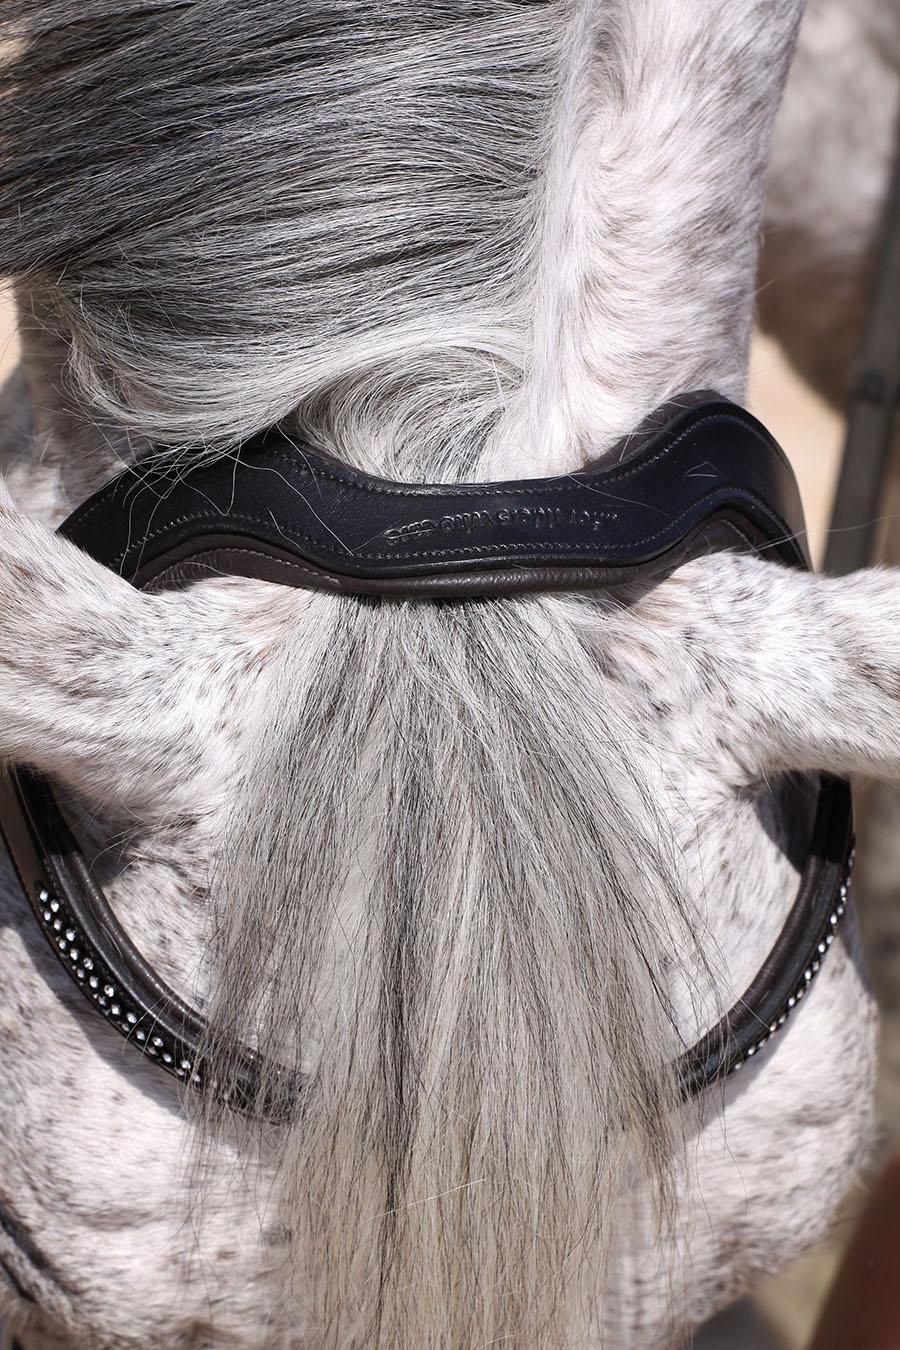 Barefoot Contour Jewel Gebisslose Trense mit Ohrenausschnitt und Bitless Bridle